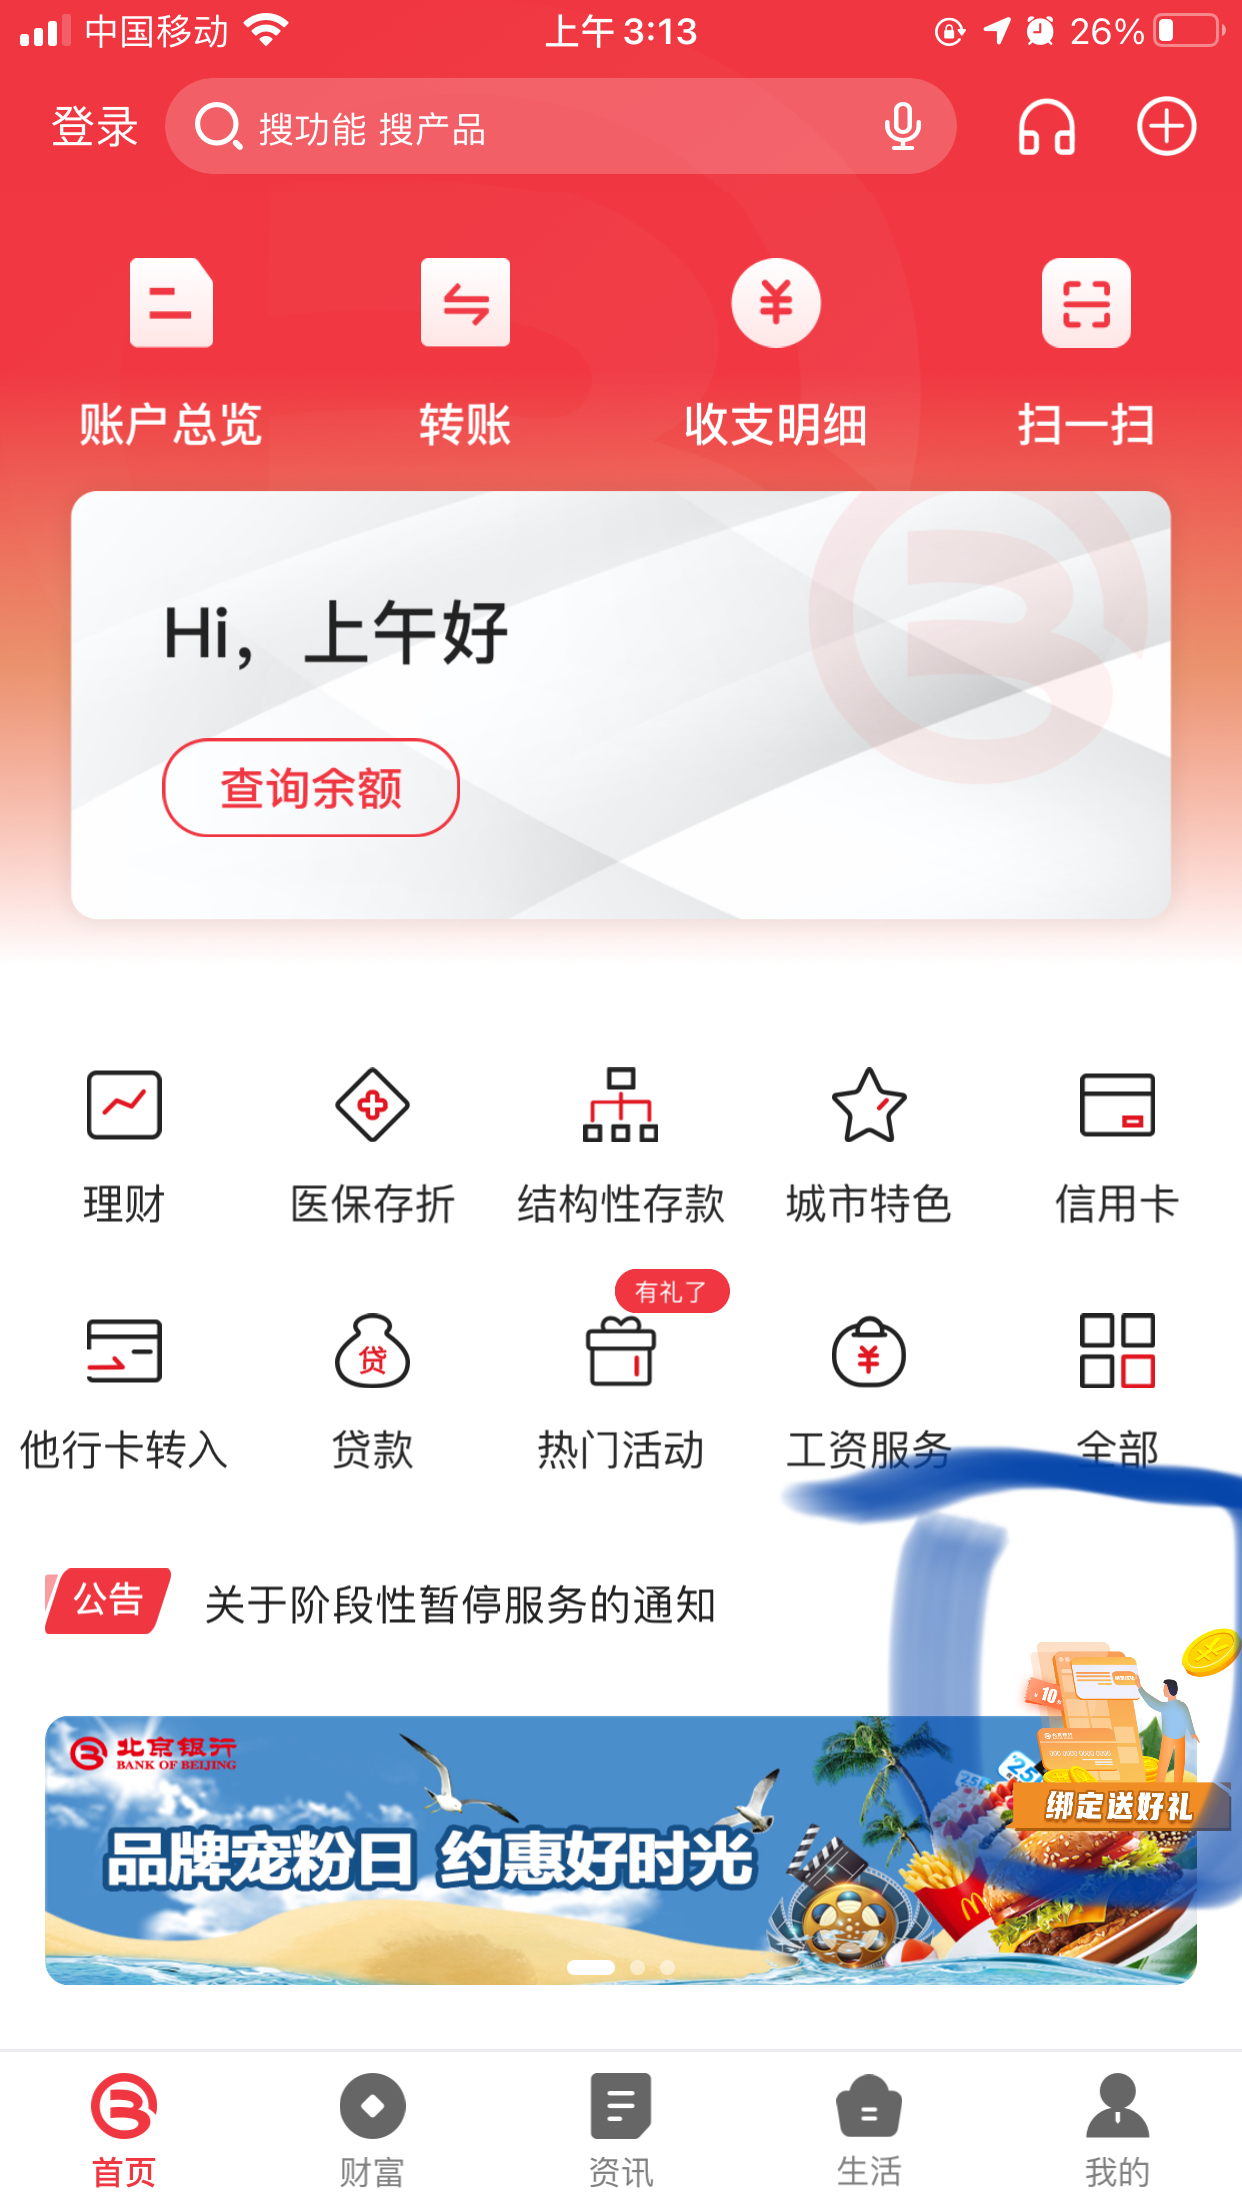 北京银行~领10元话劵